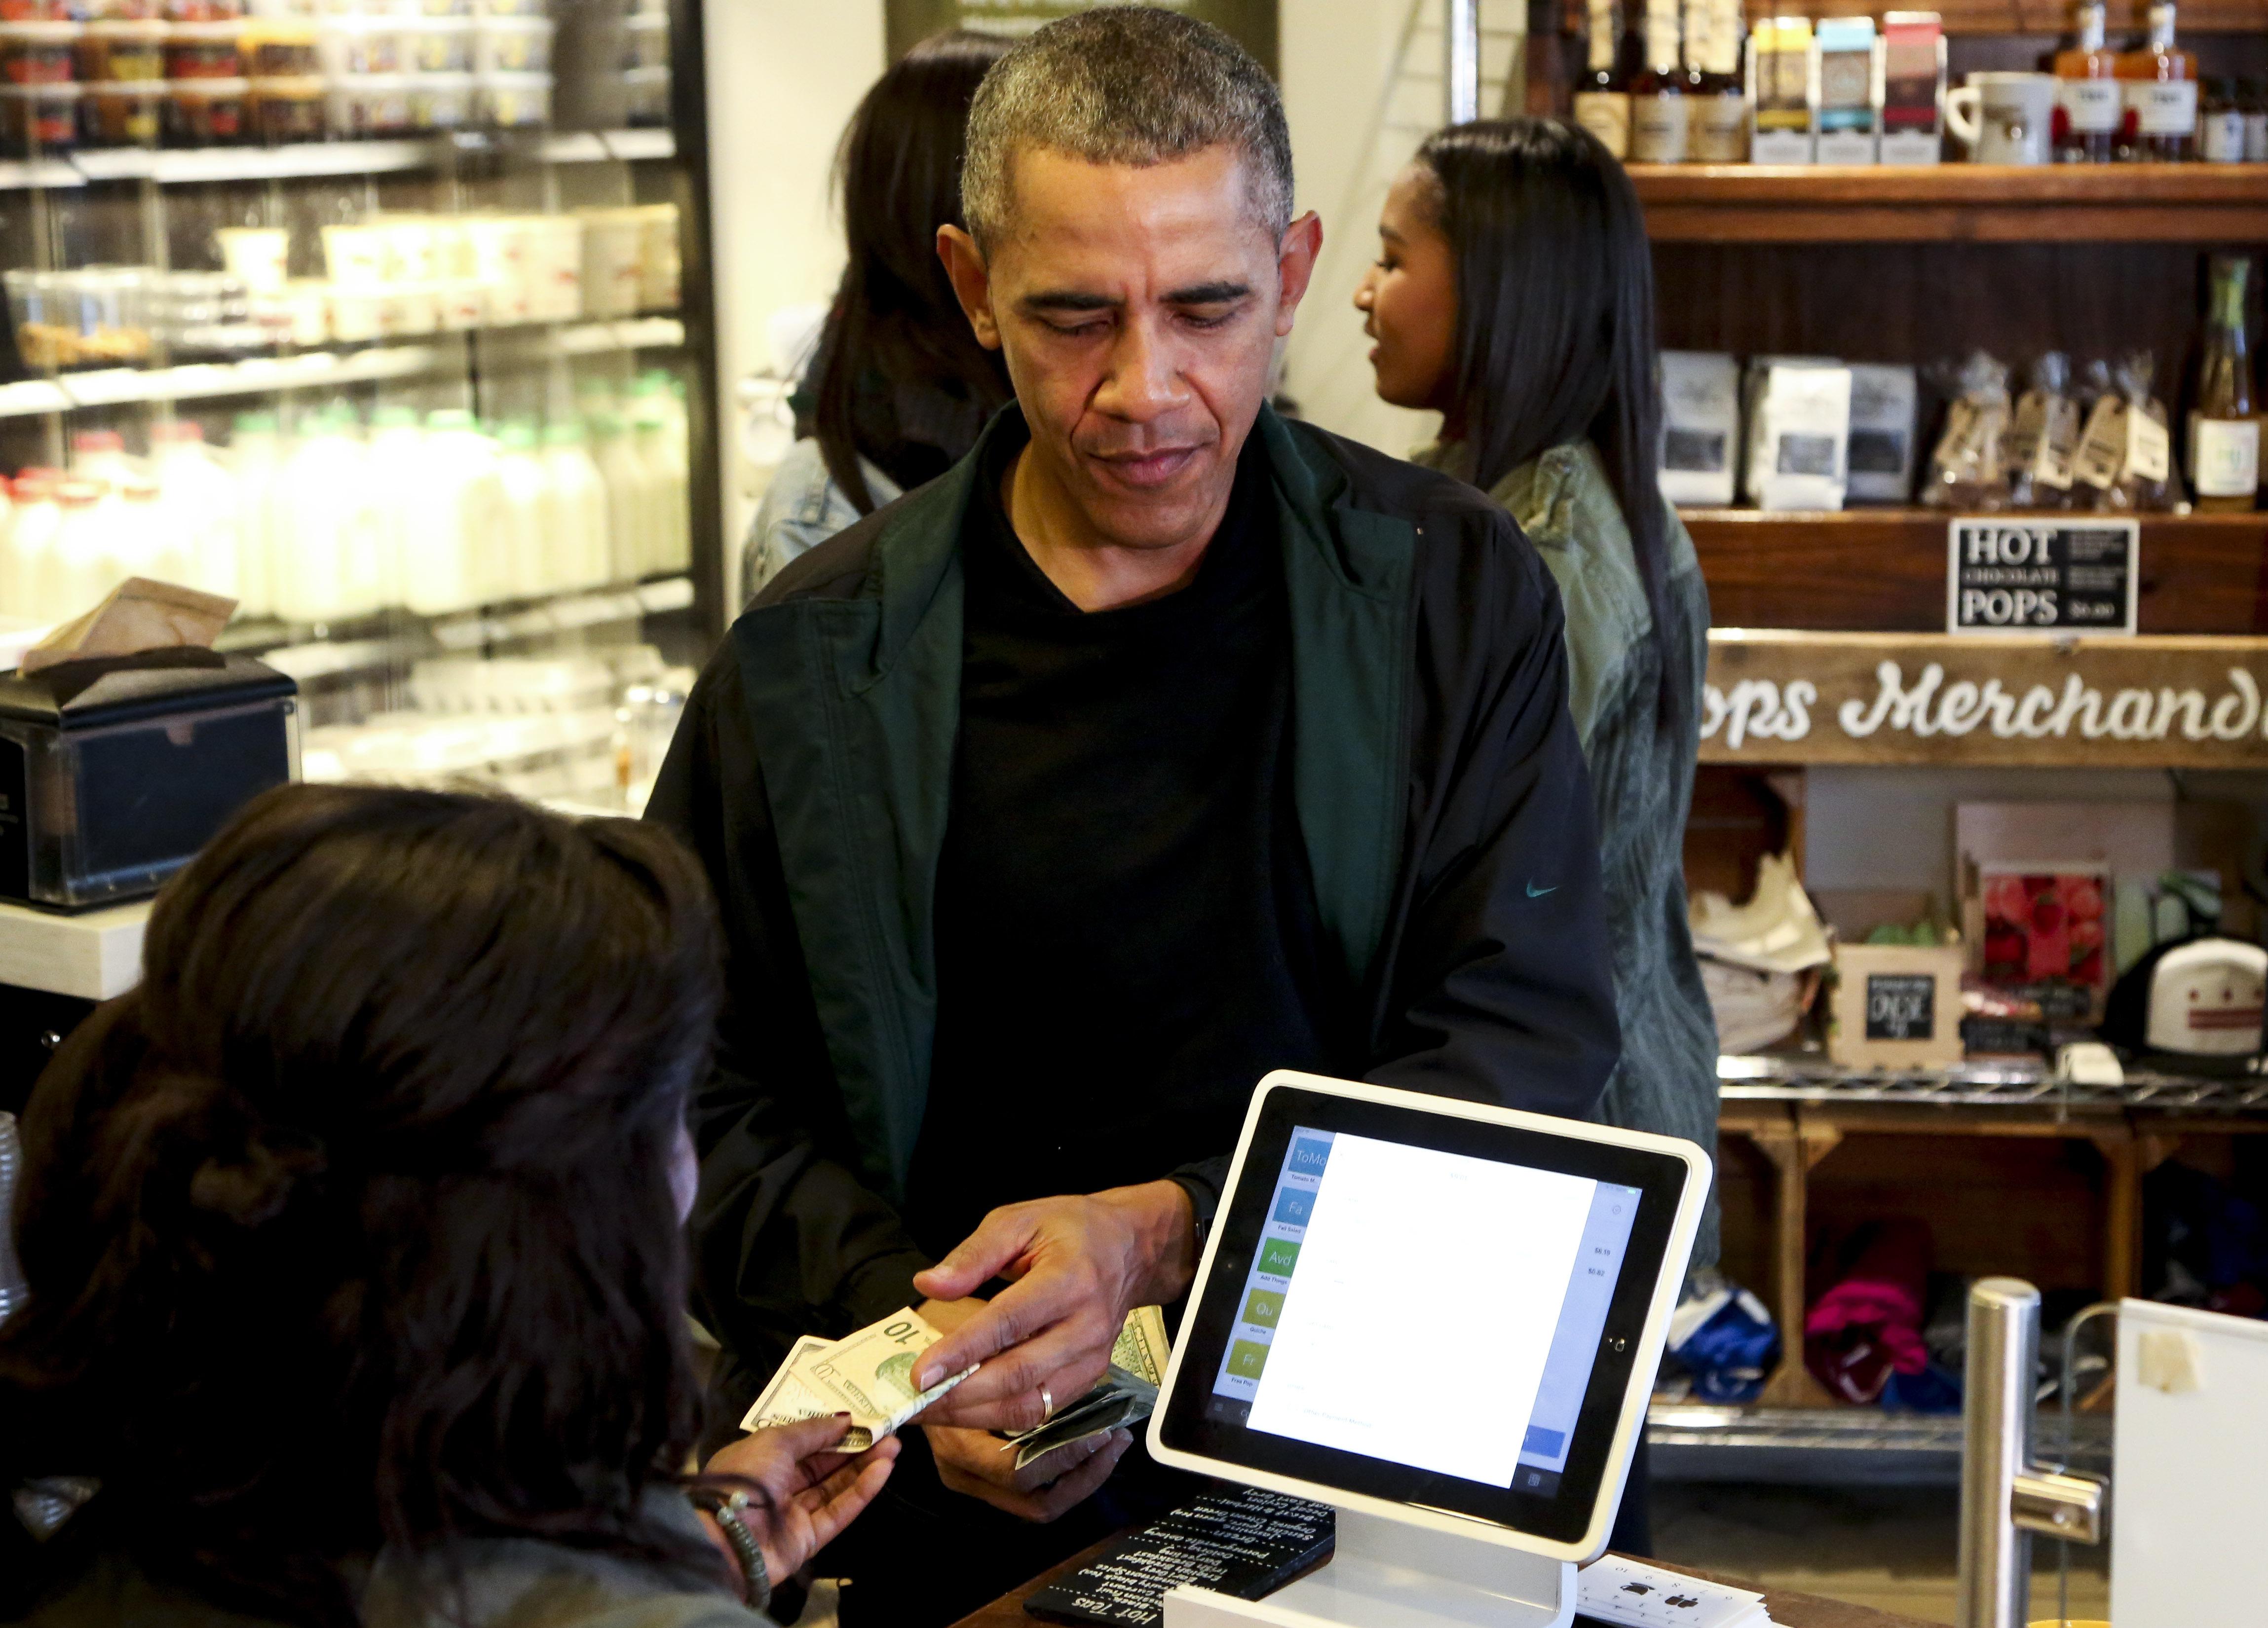 Ce vin bea preşedintele Americii. Nu se mai găseşte nicio sticlă după ce s-a aflat